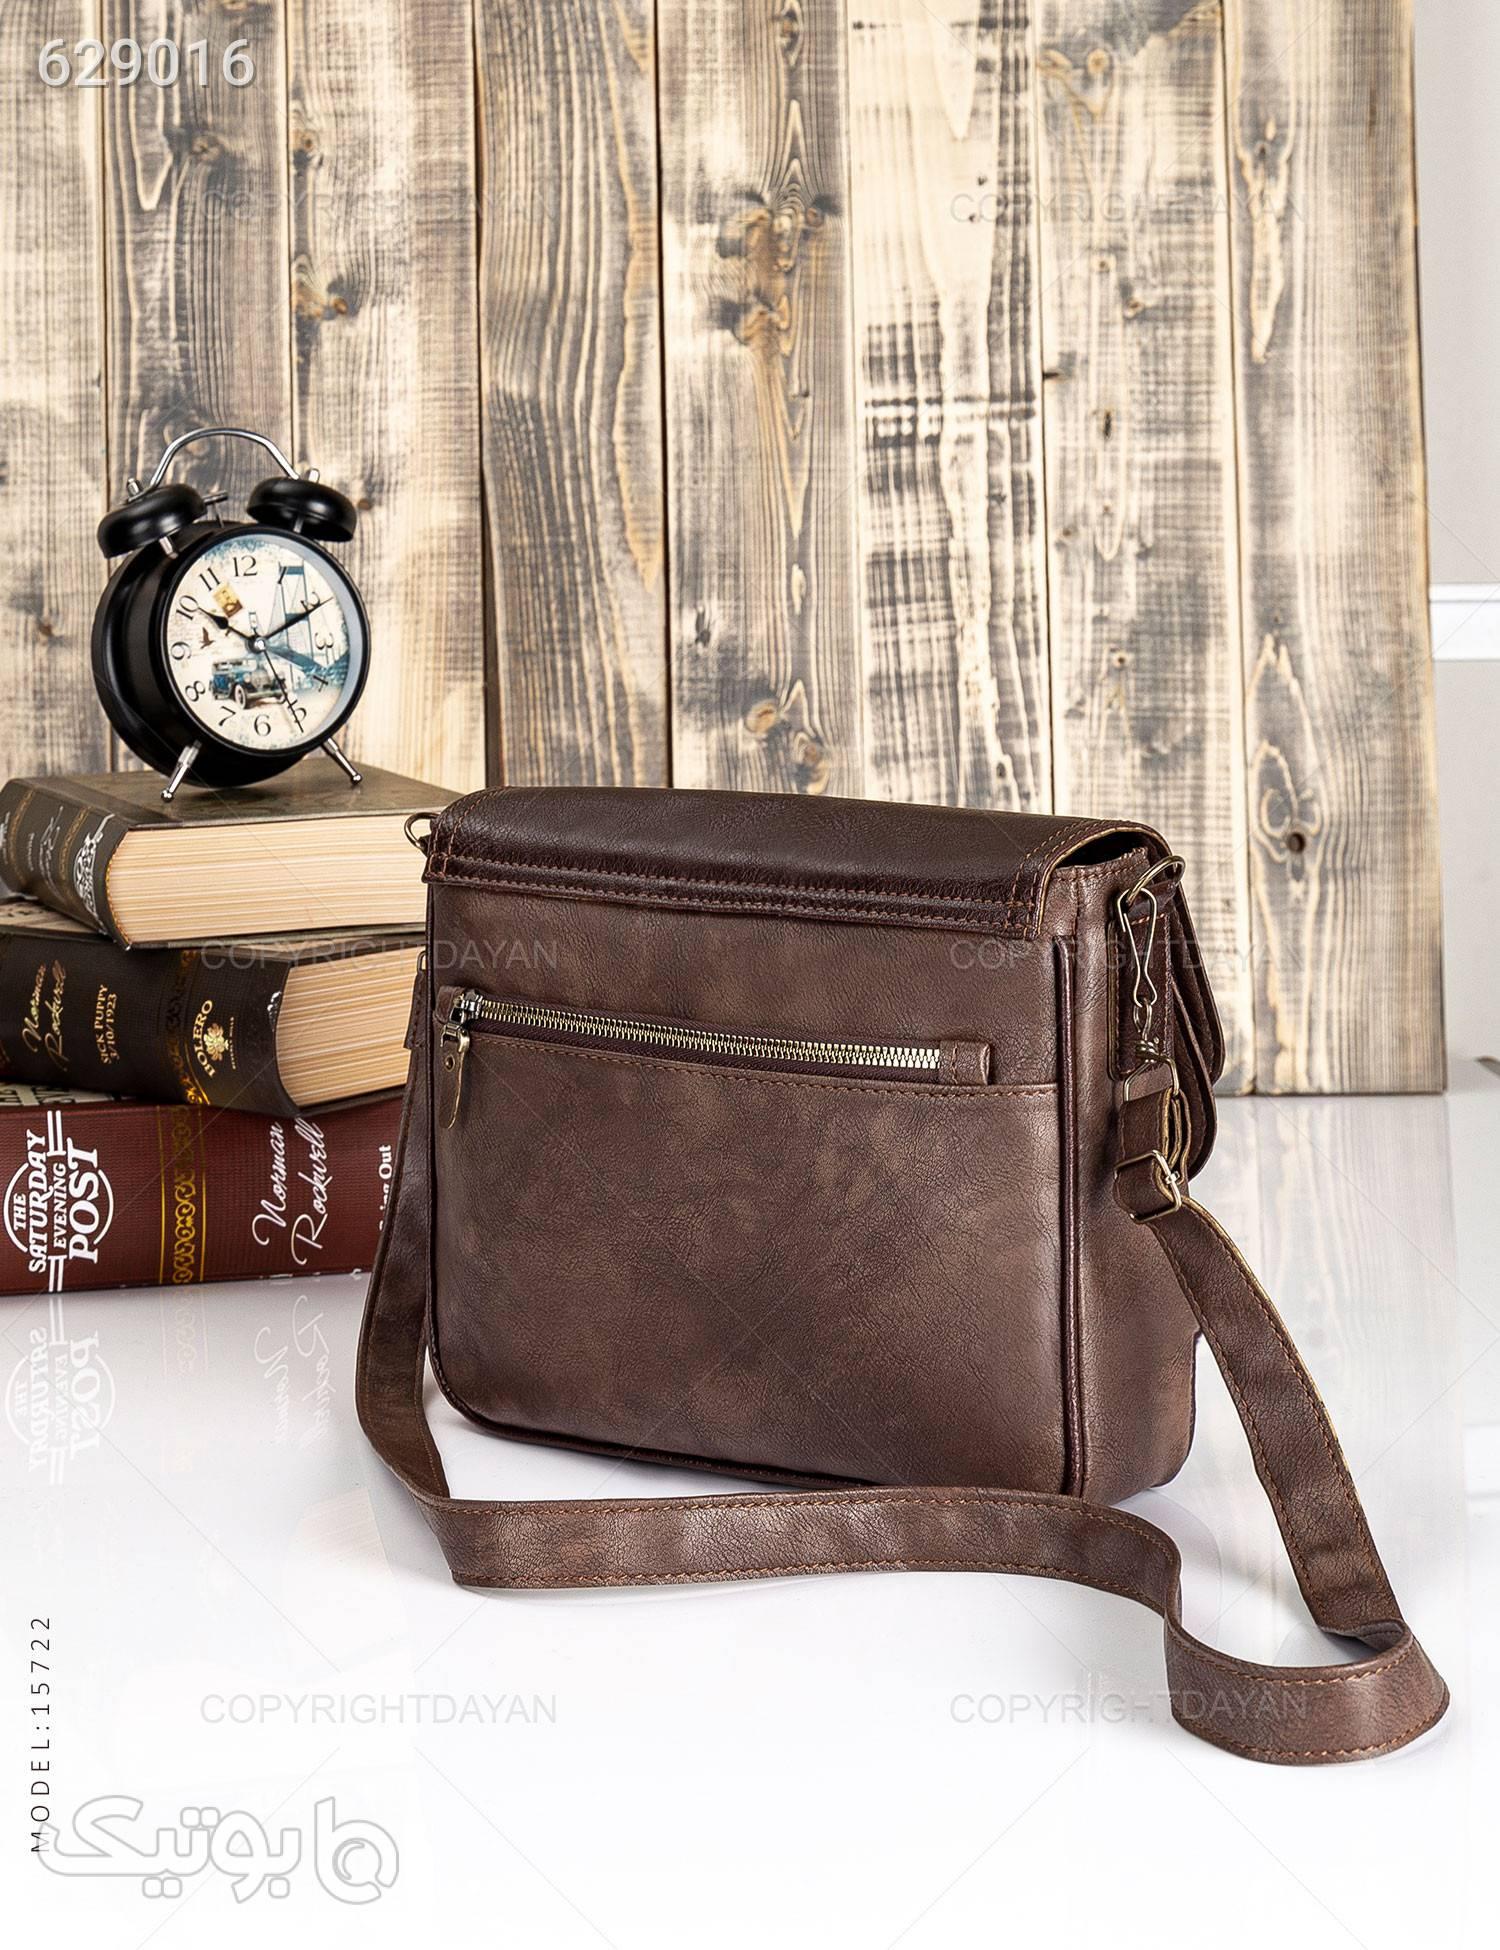 کیف چرمی رودوشی قهوه ای کیف اداری